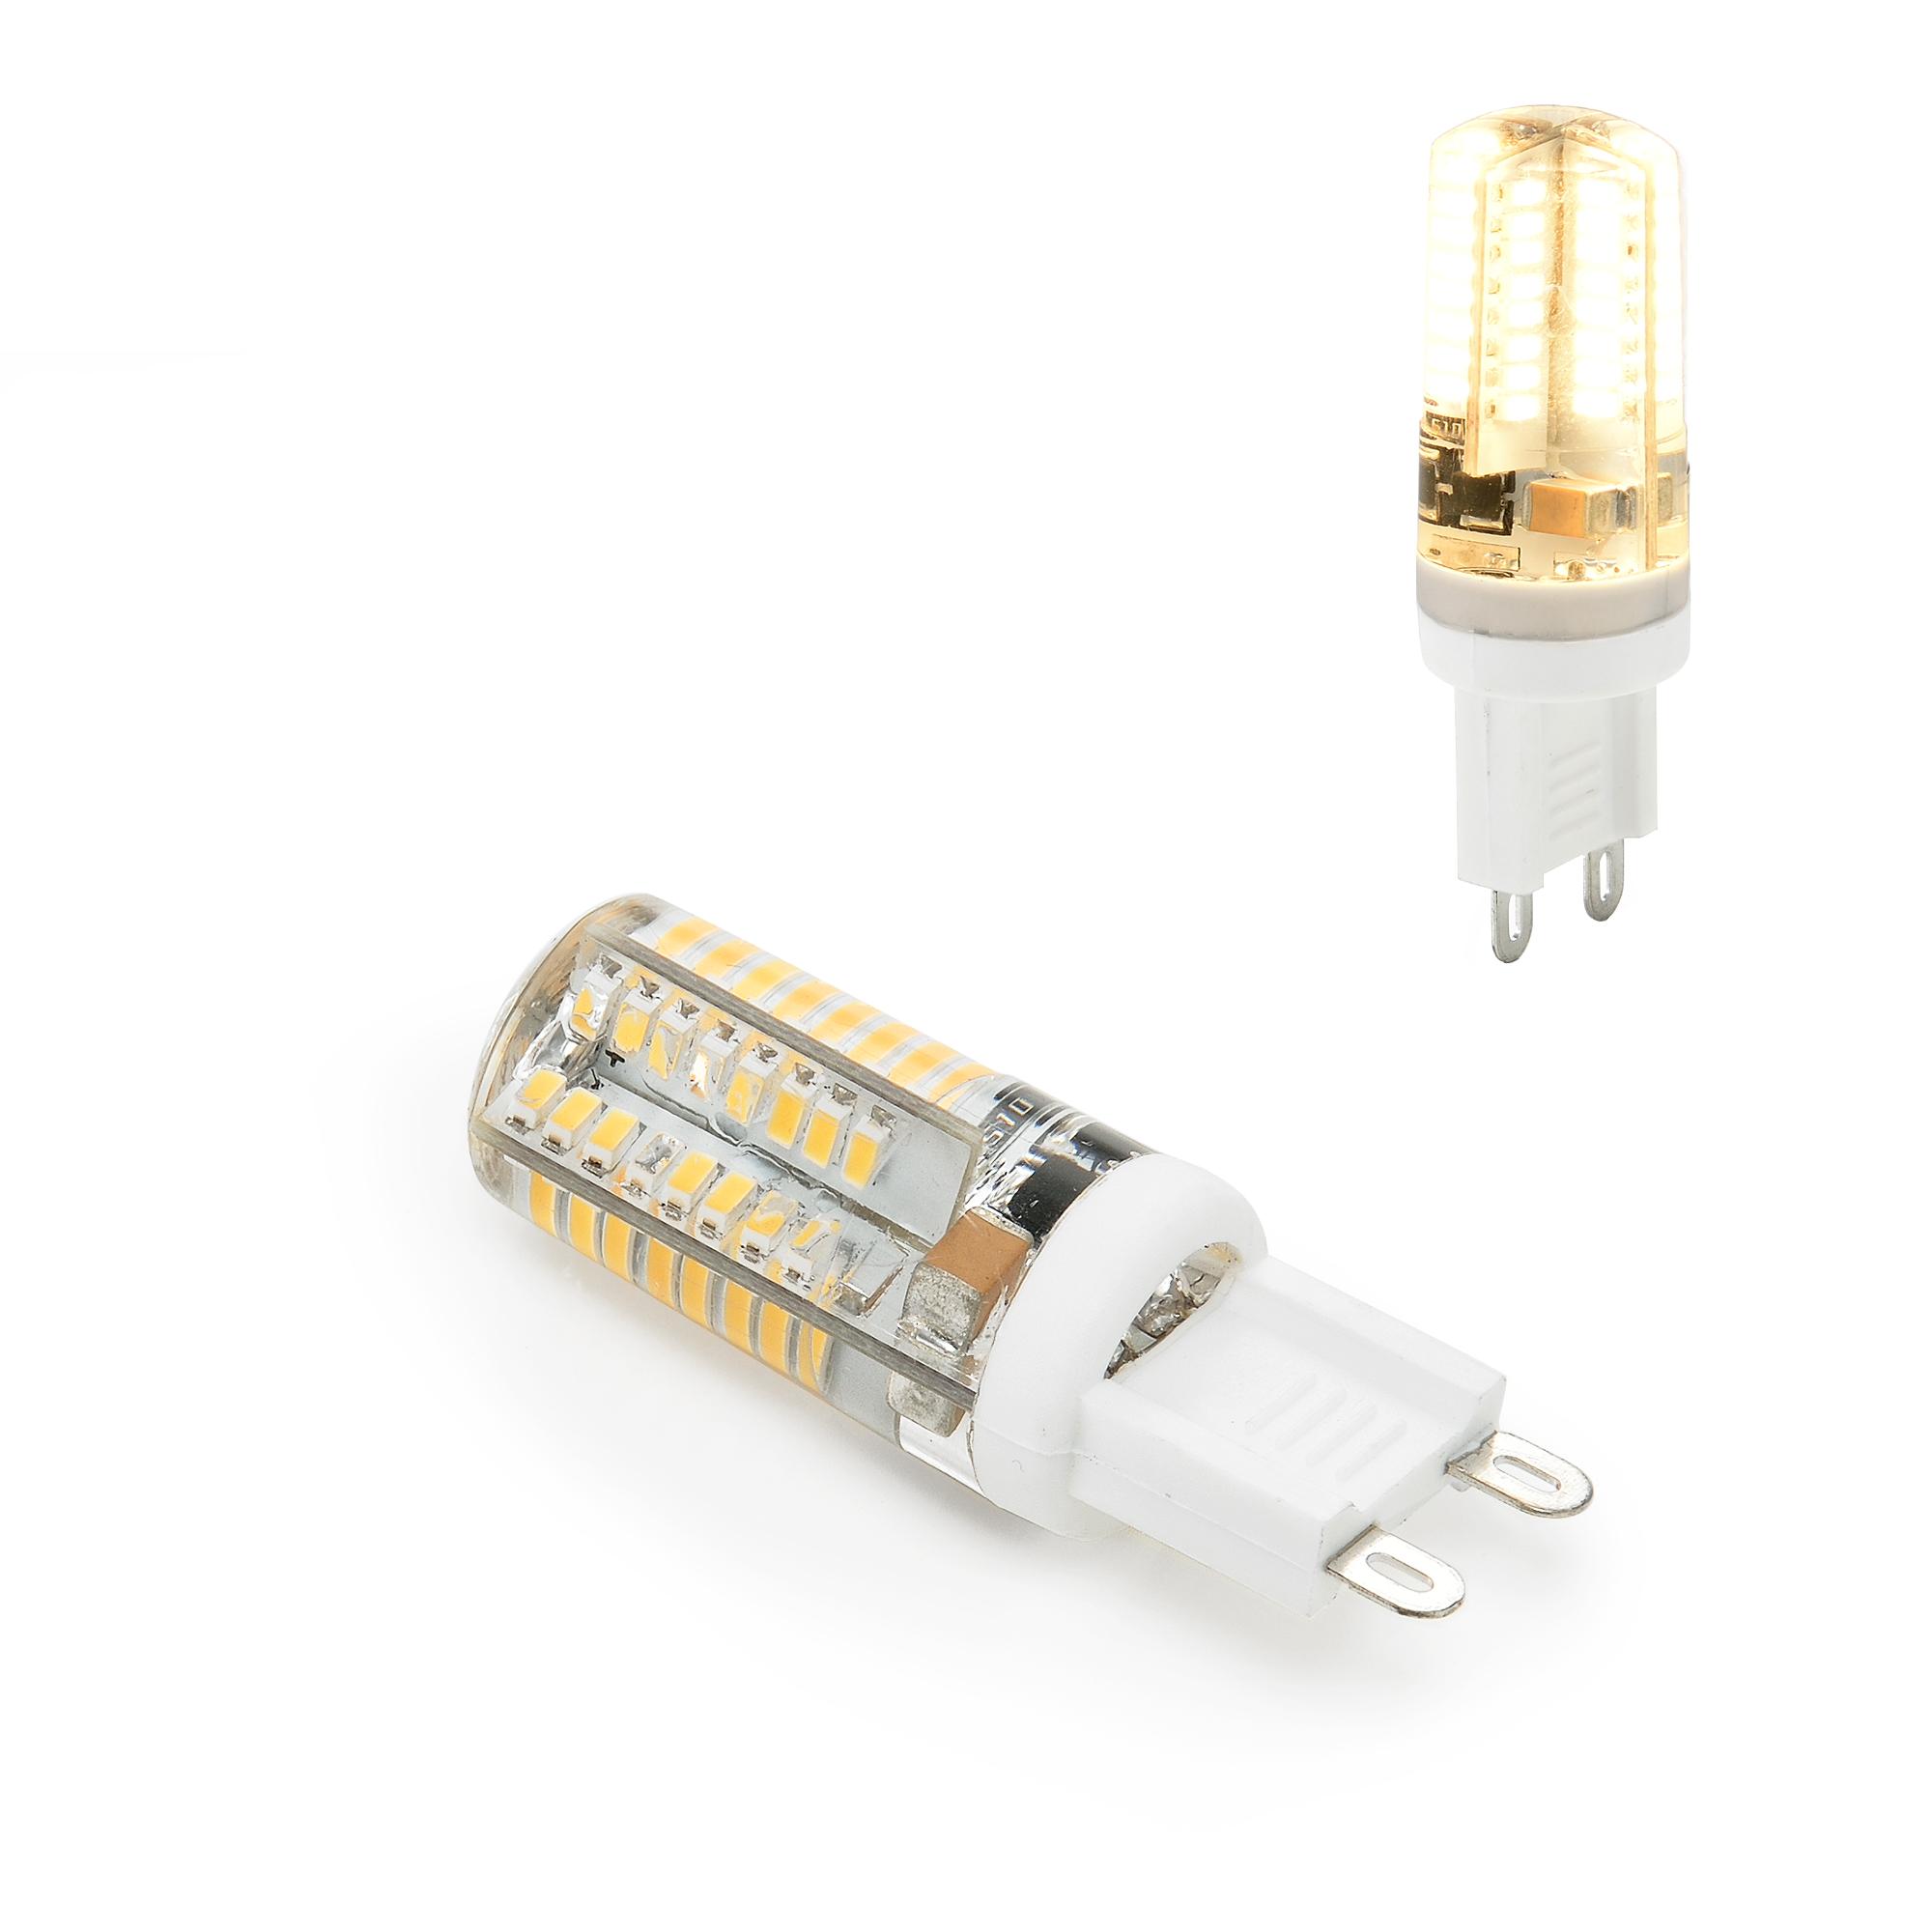 LED_HTLD4000_vorschau Schöne 3 5 Watt Led Entspricht Dekorationen